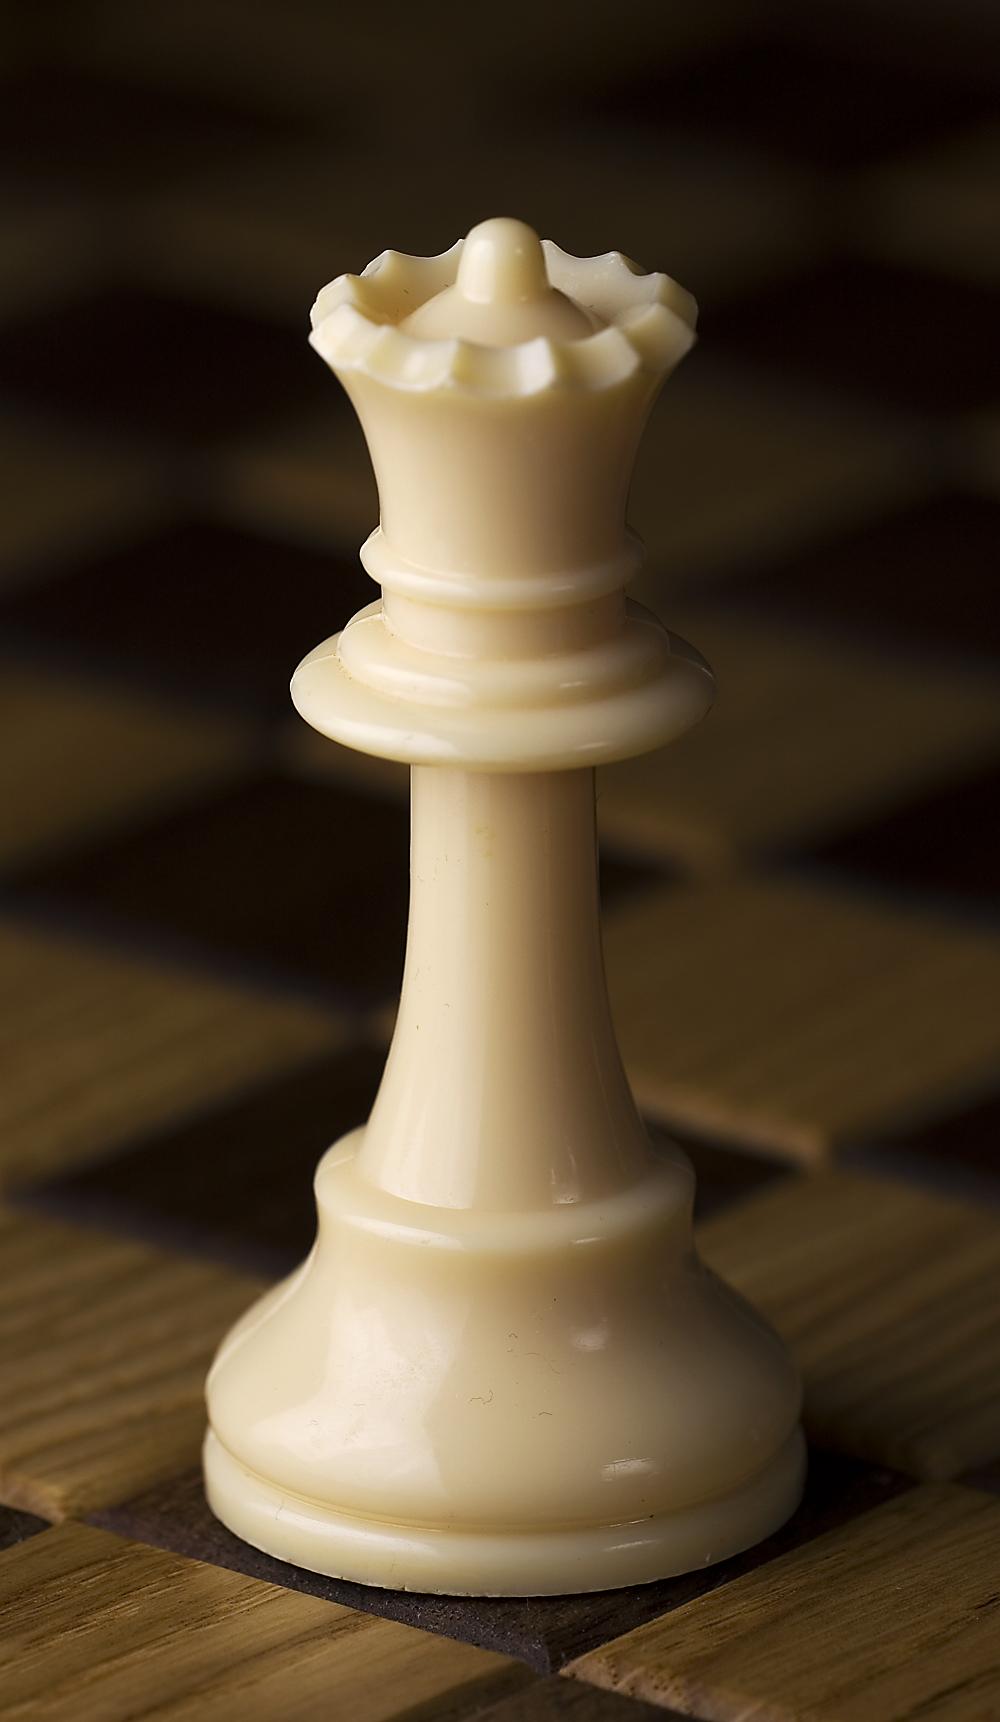 Chess_piece_-_White_queen.jpg